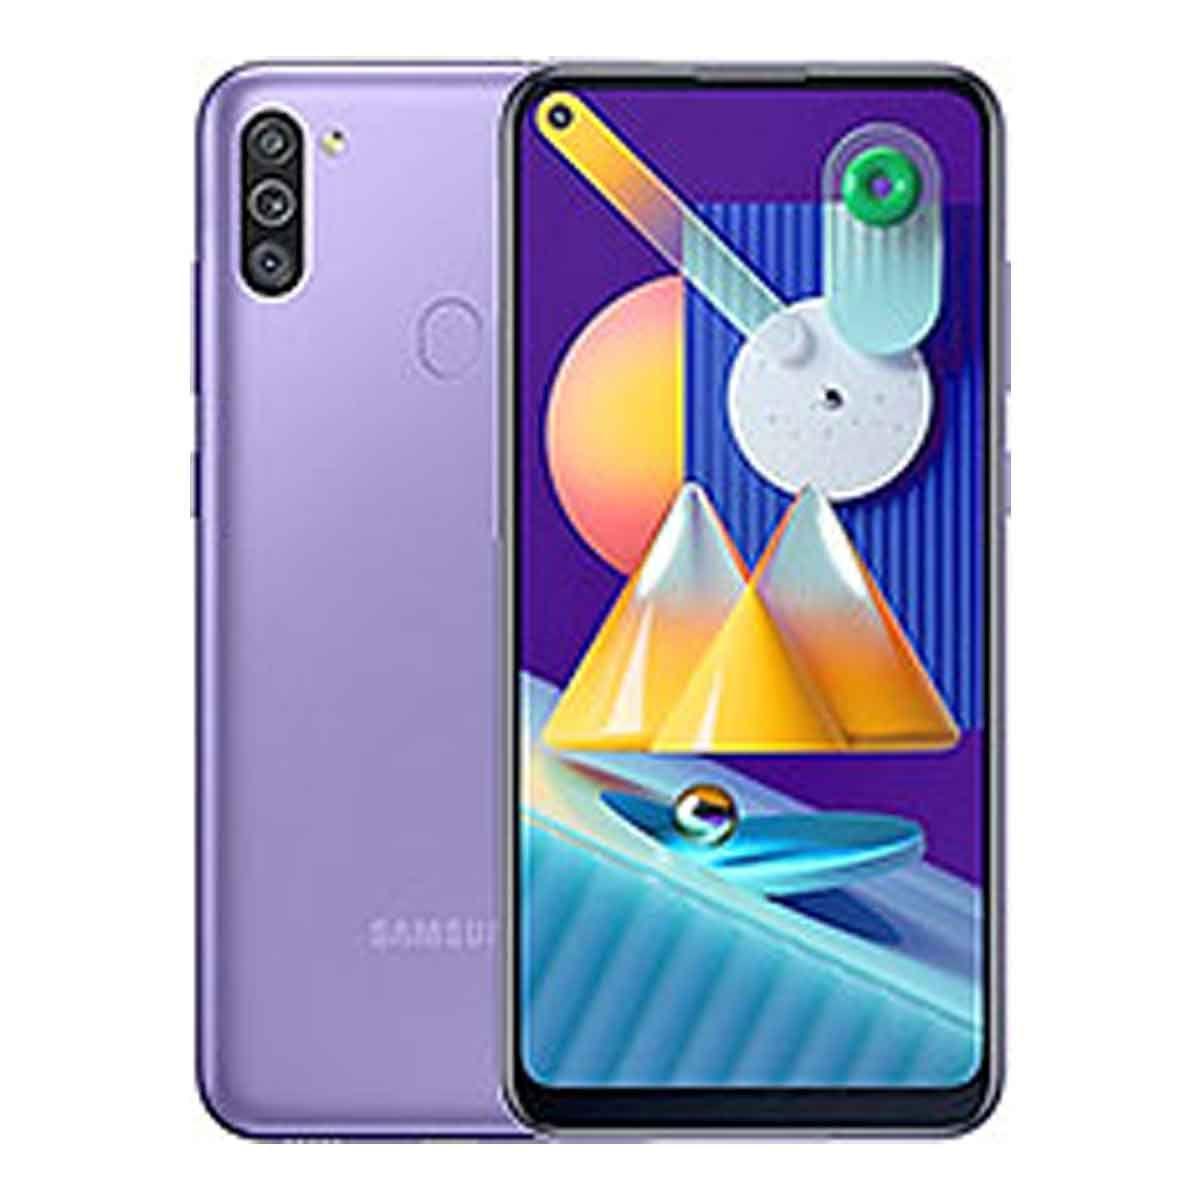 Samsung Smartphones Under 10000 in India